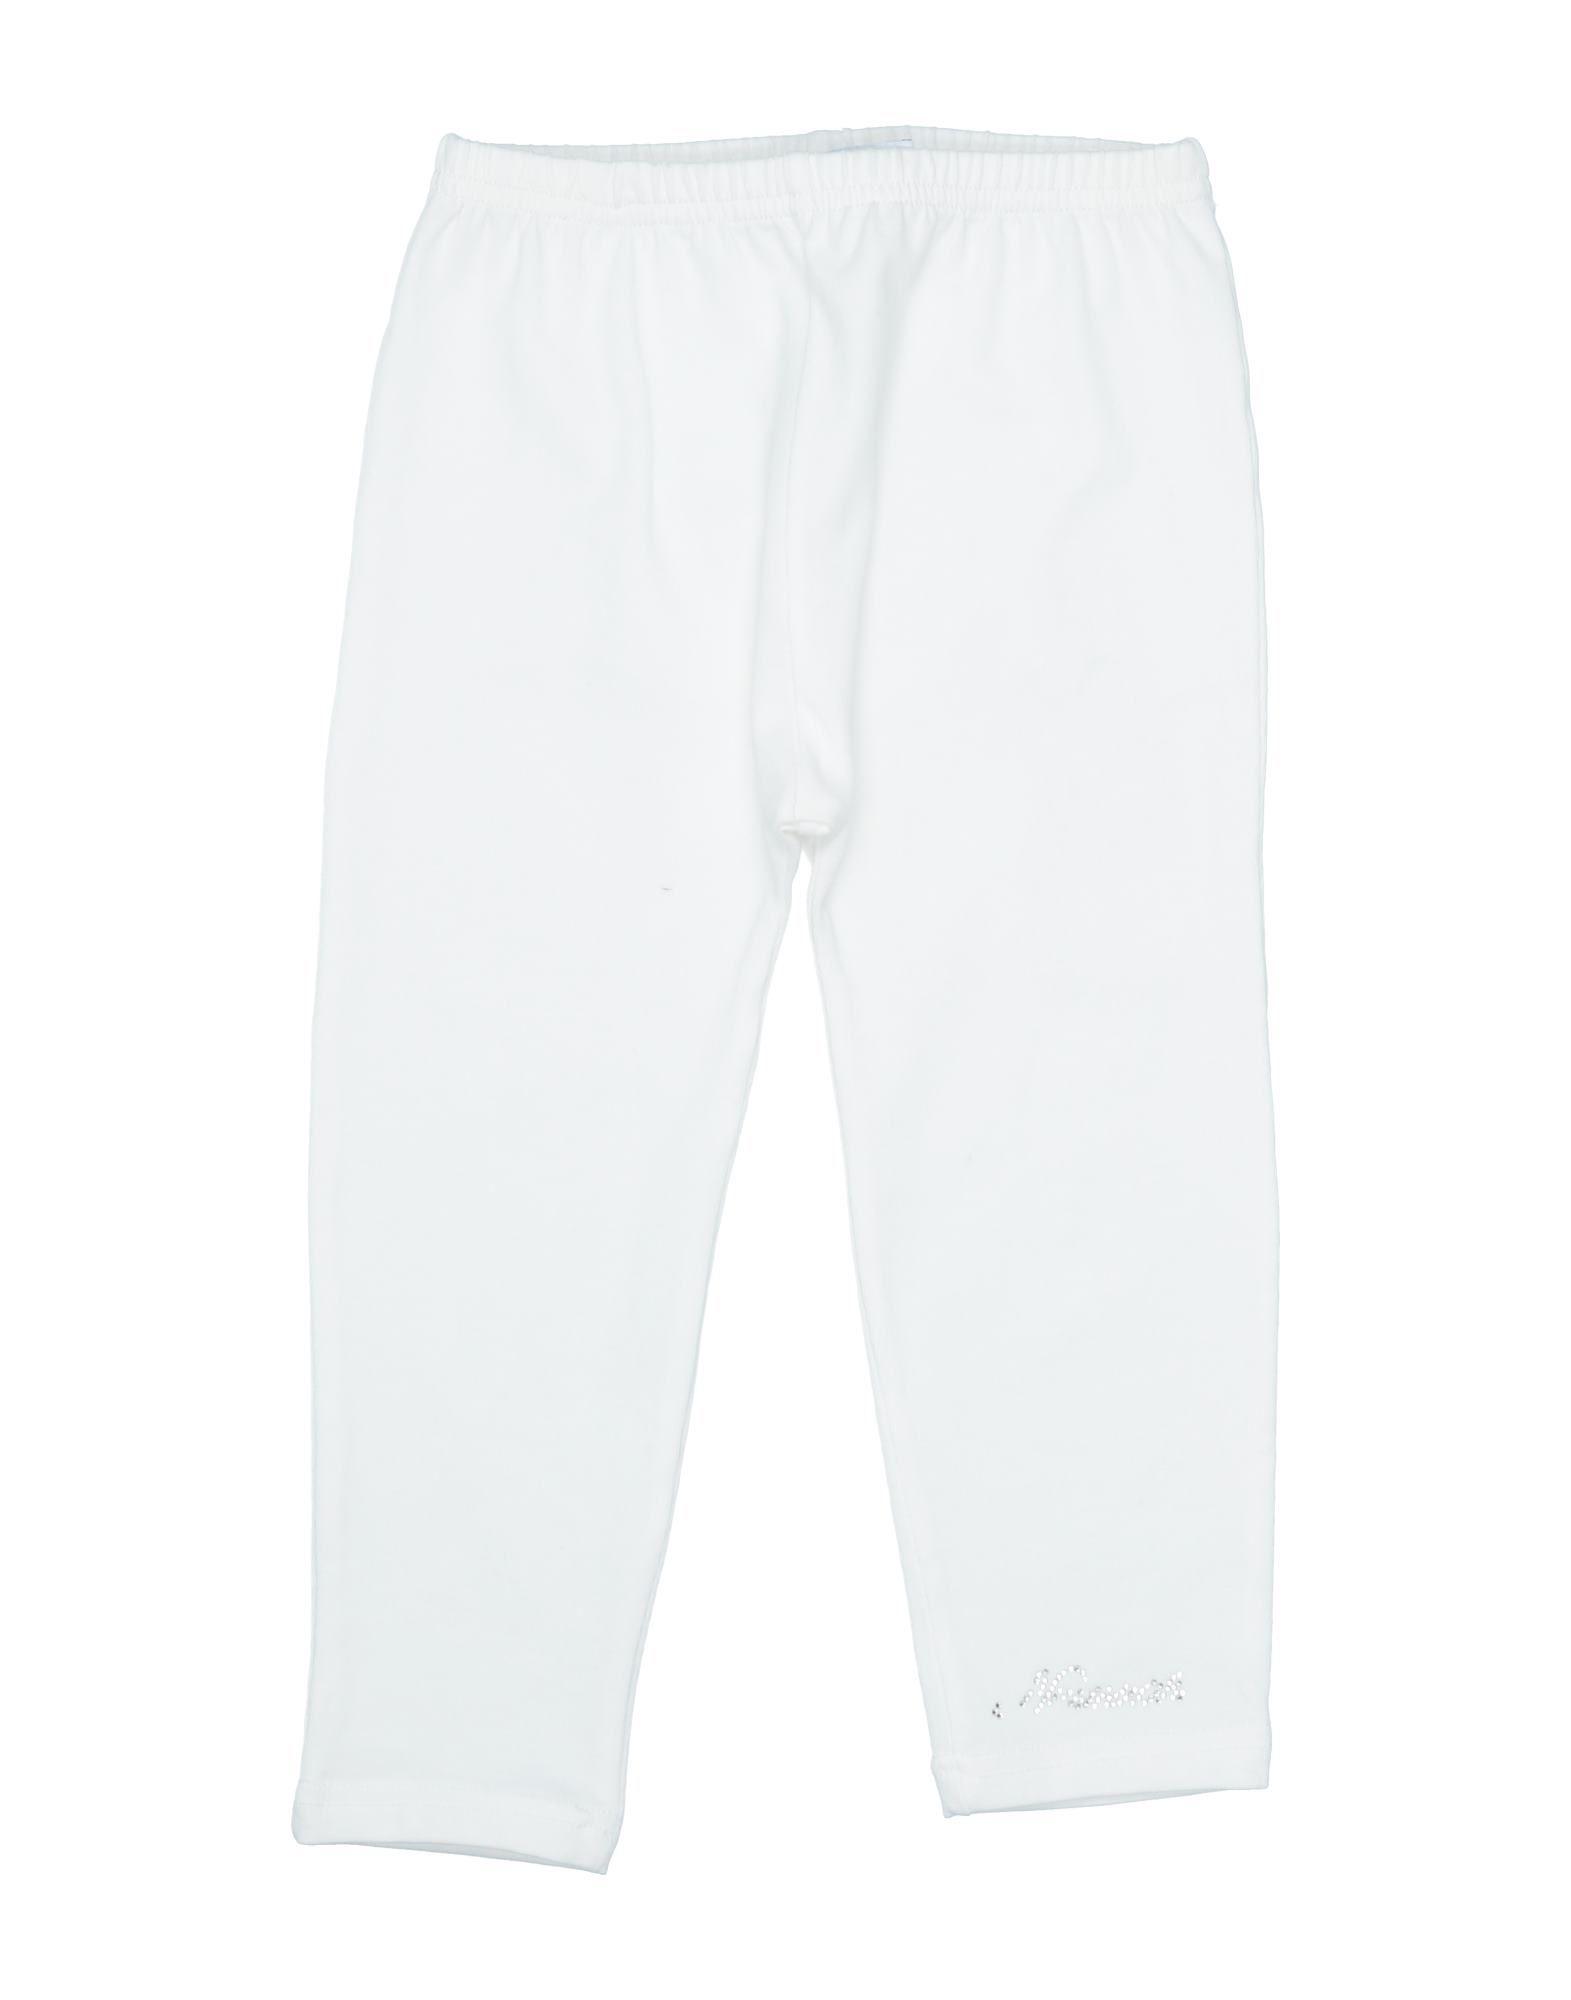 Ninnaoh Kids' Leggings In White